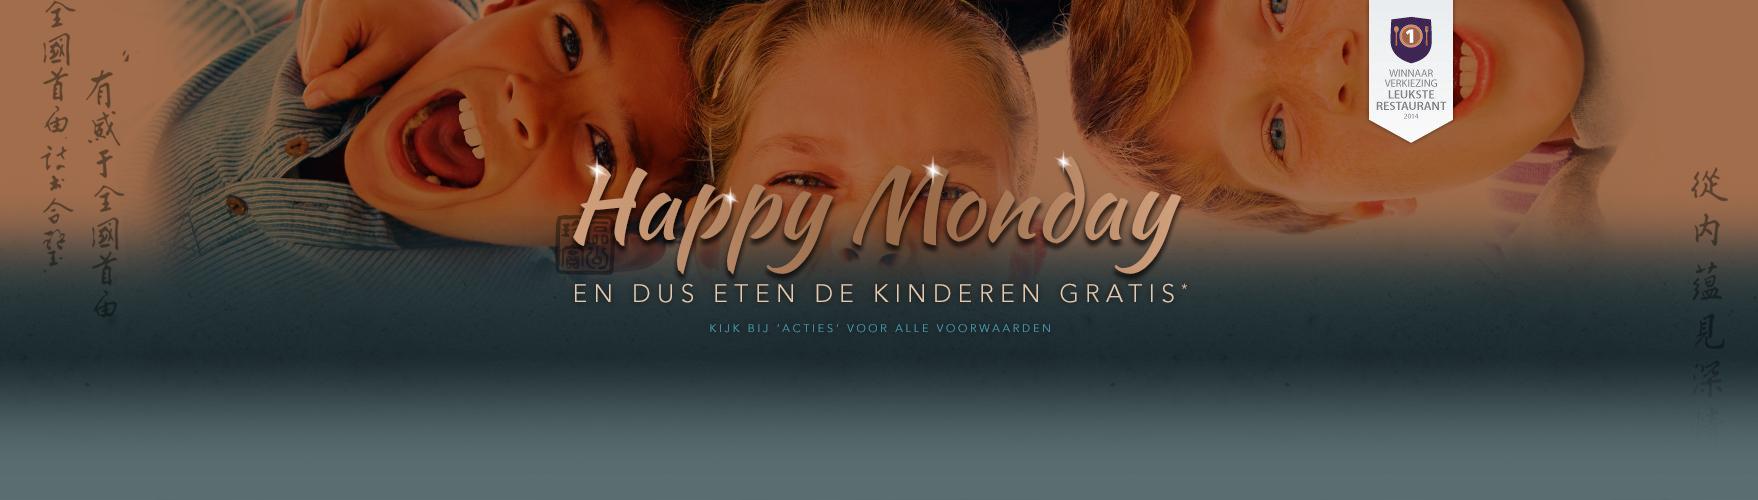 EP-Slider-Happy-Monday